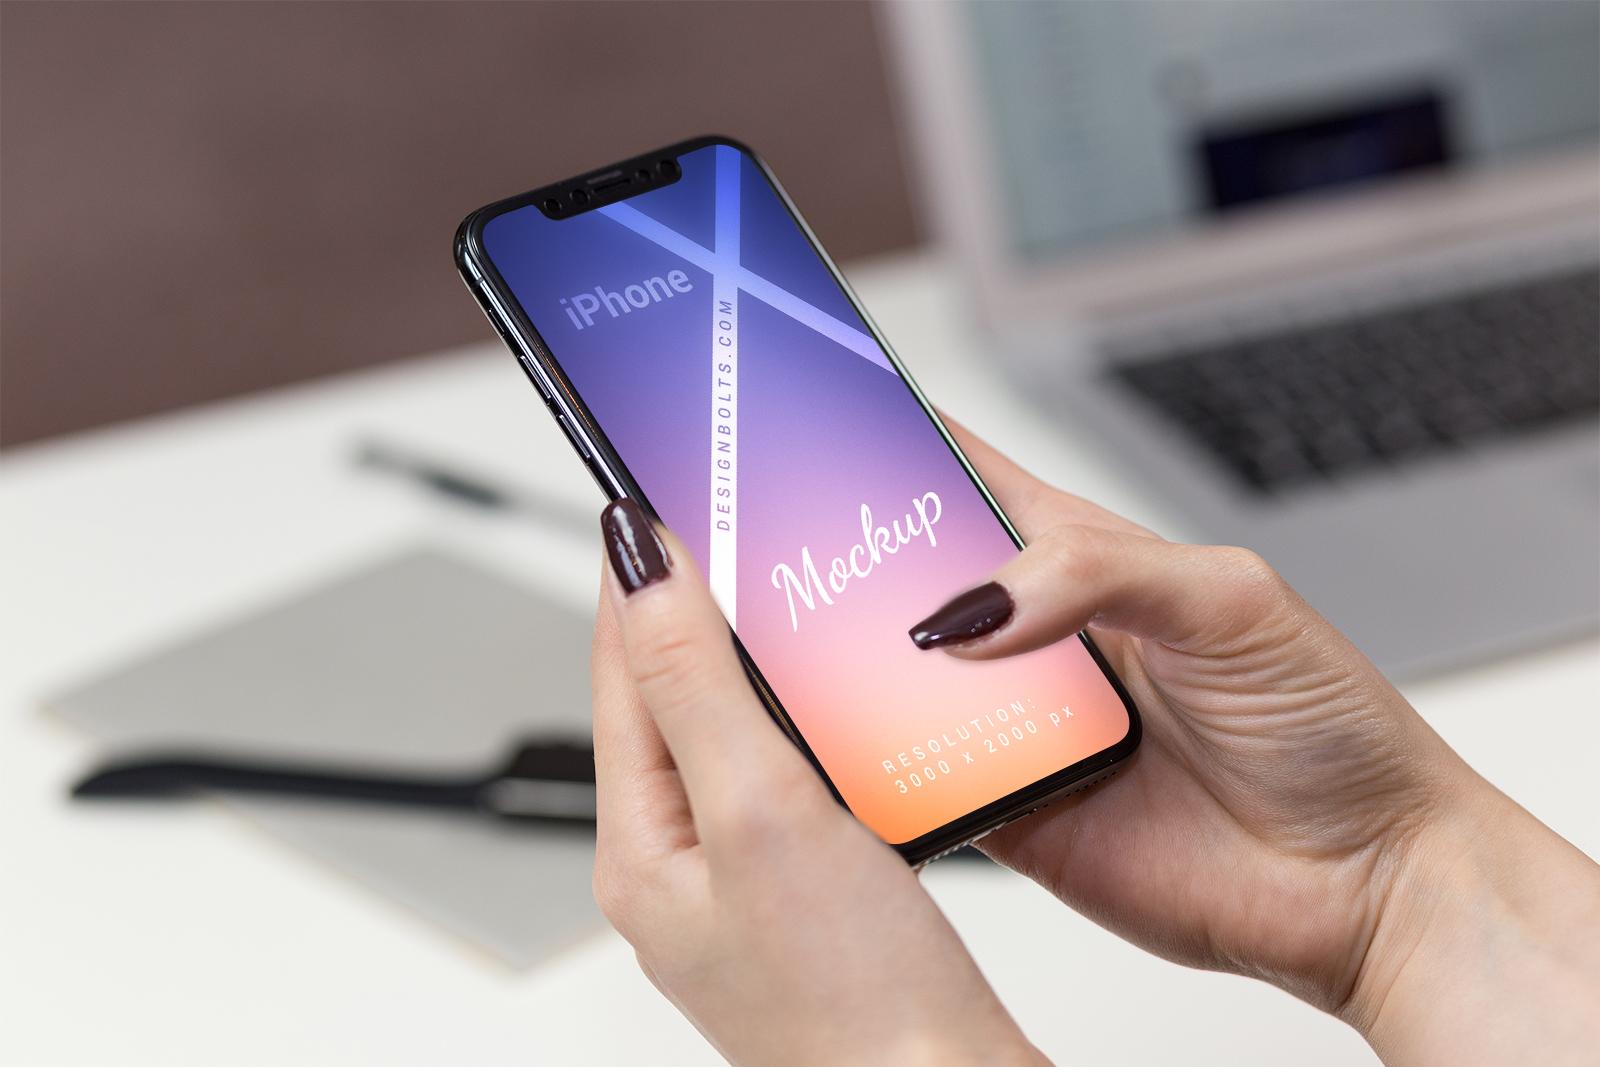 iPhone in Female Hand Mockup